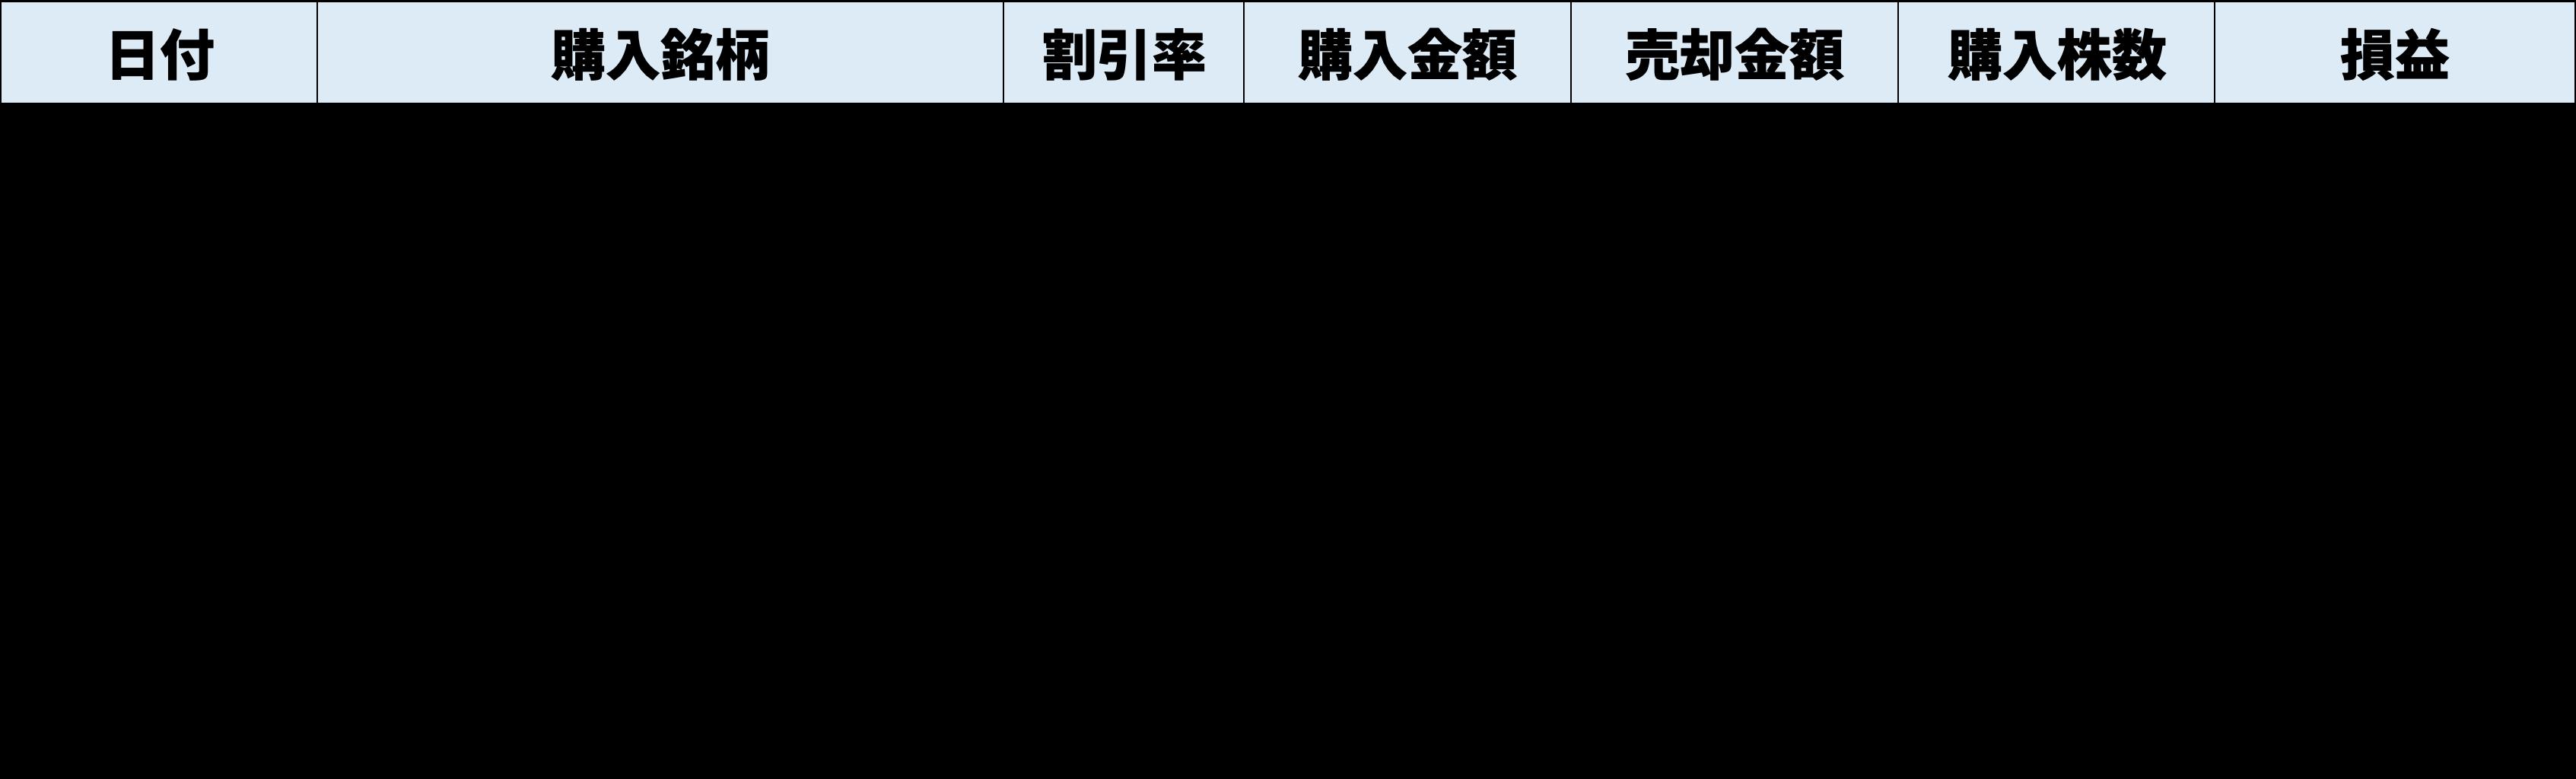 タイム セール 証券 ライン